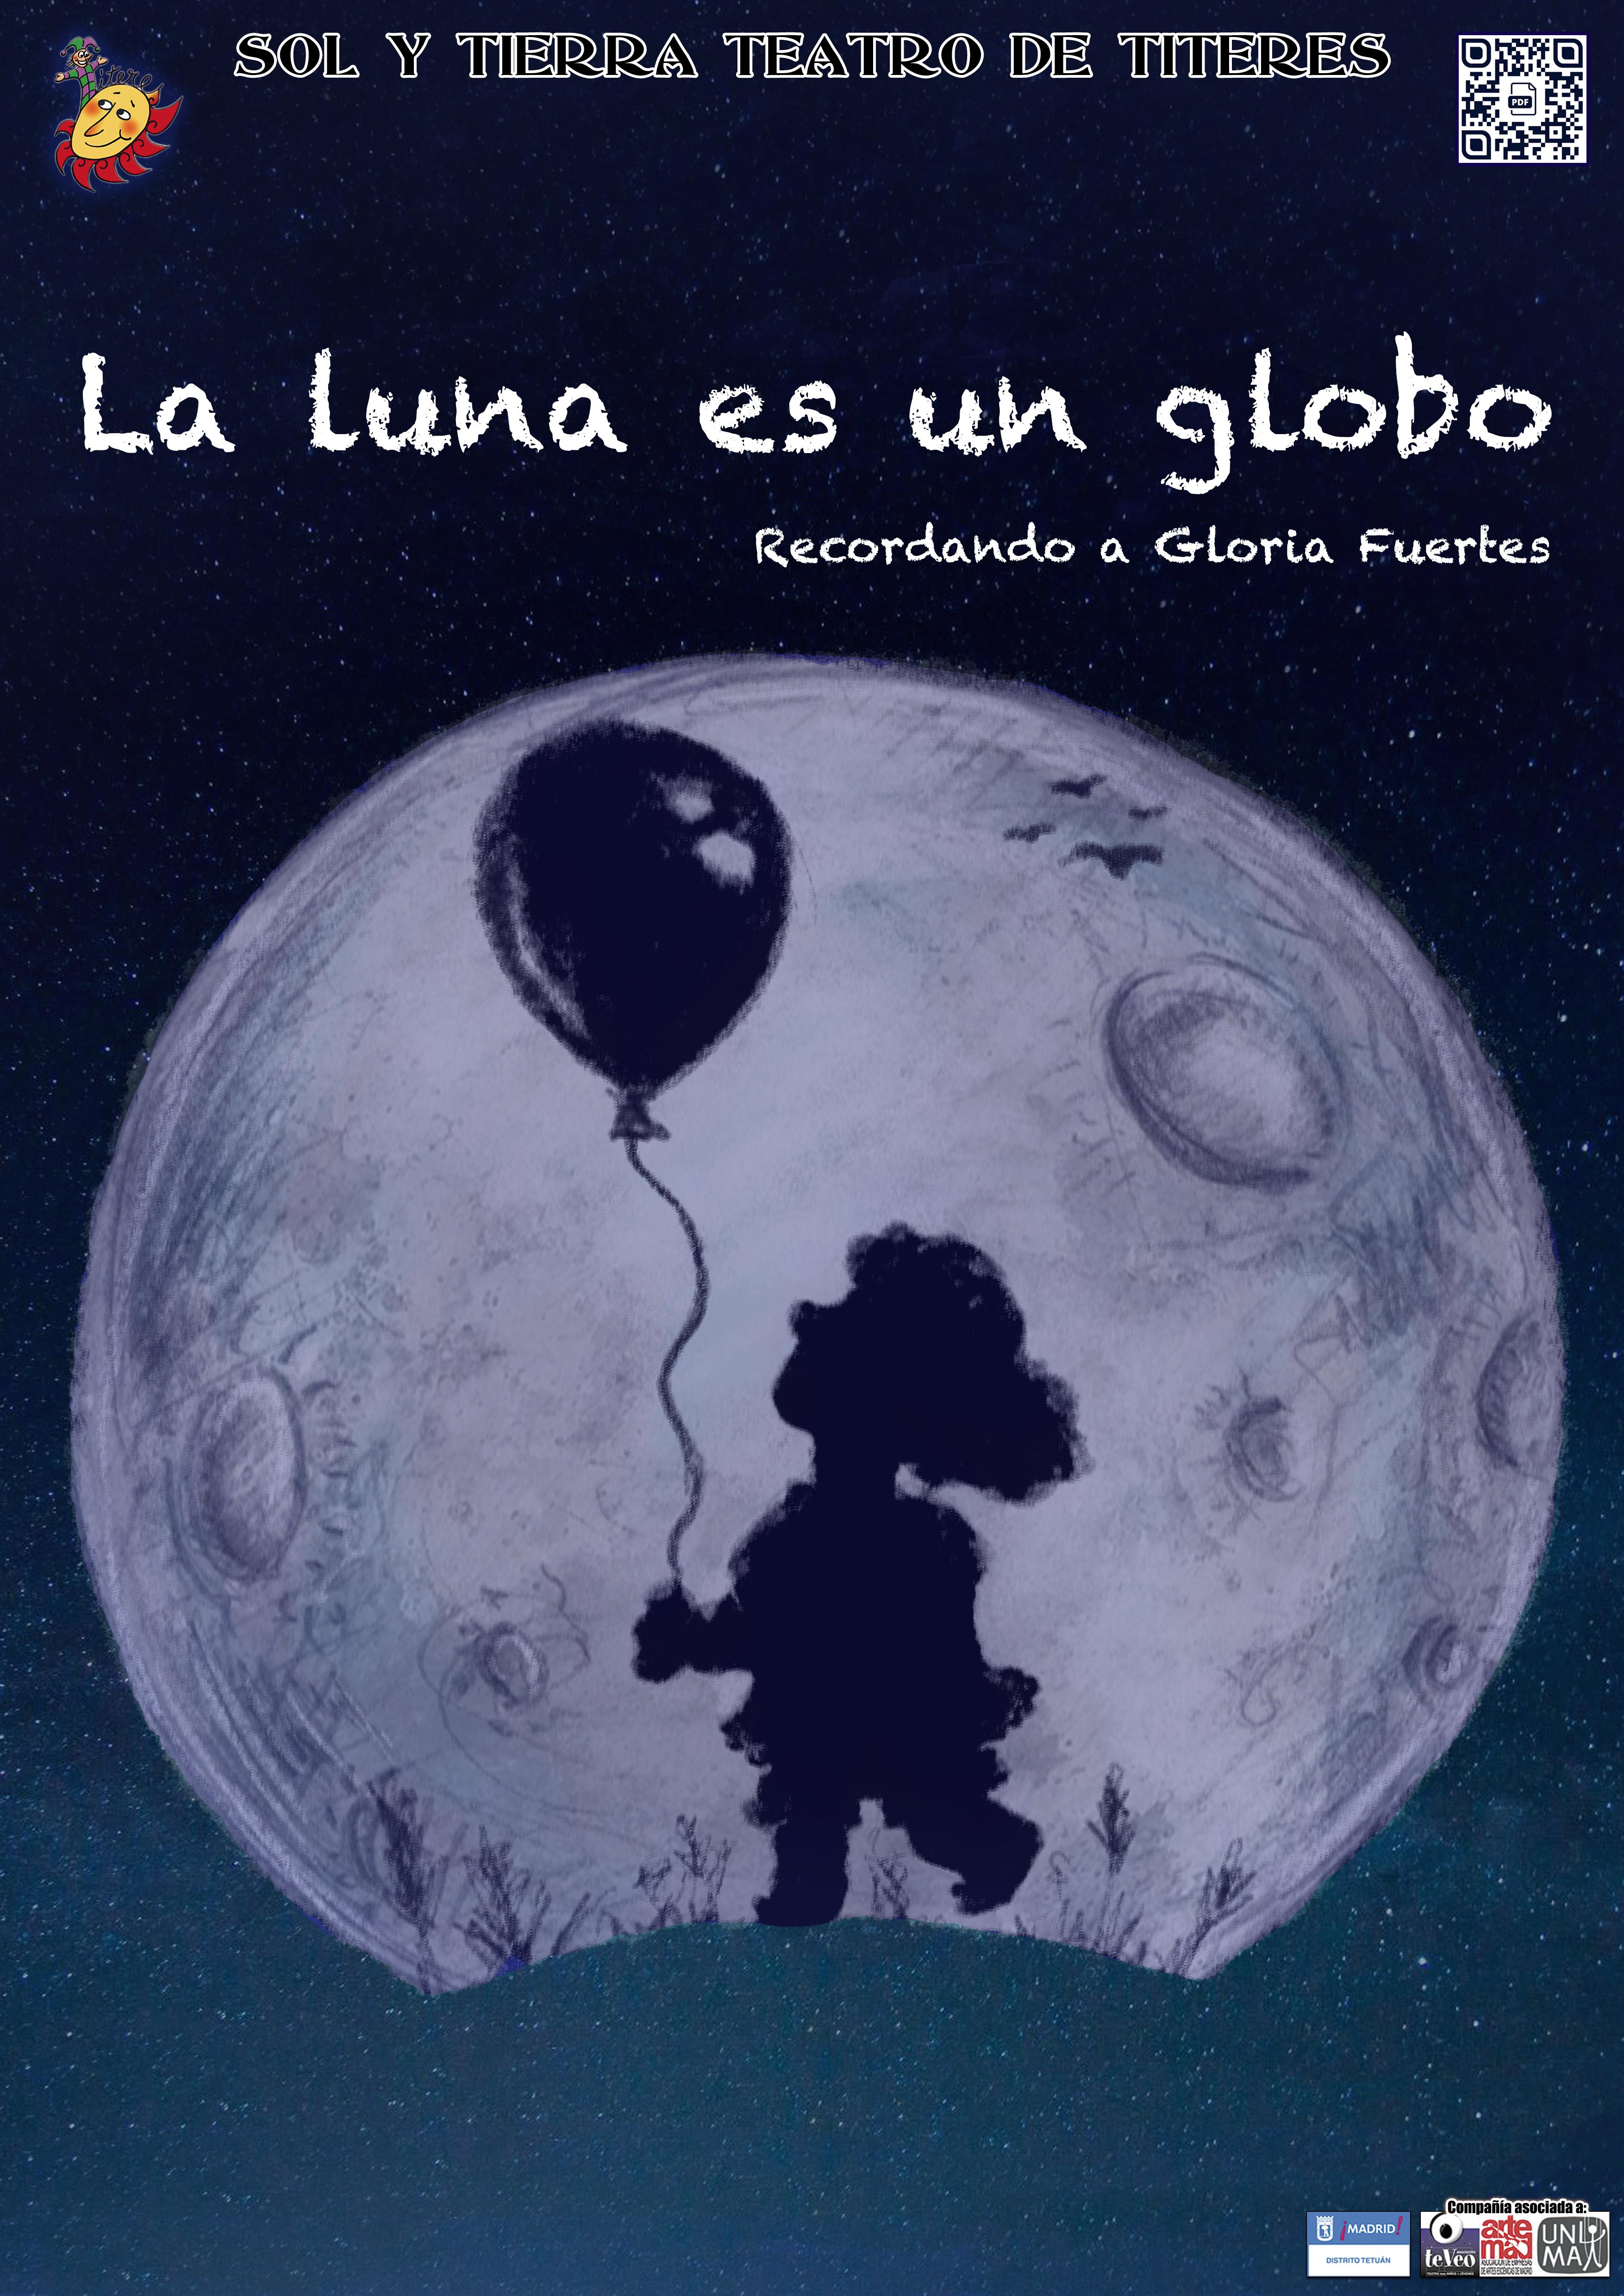 La luna es un globo